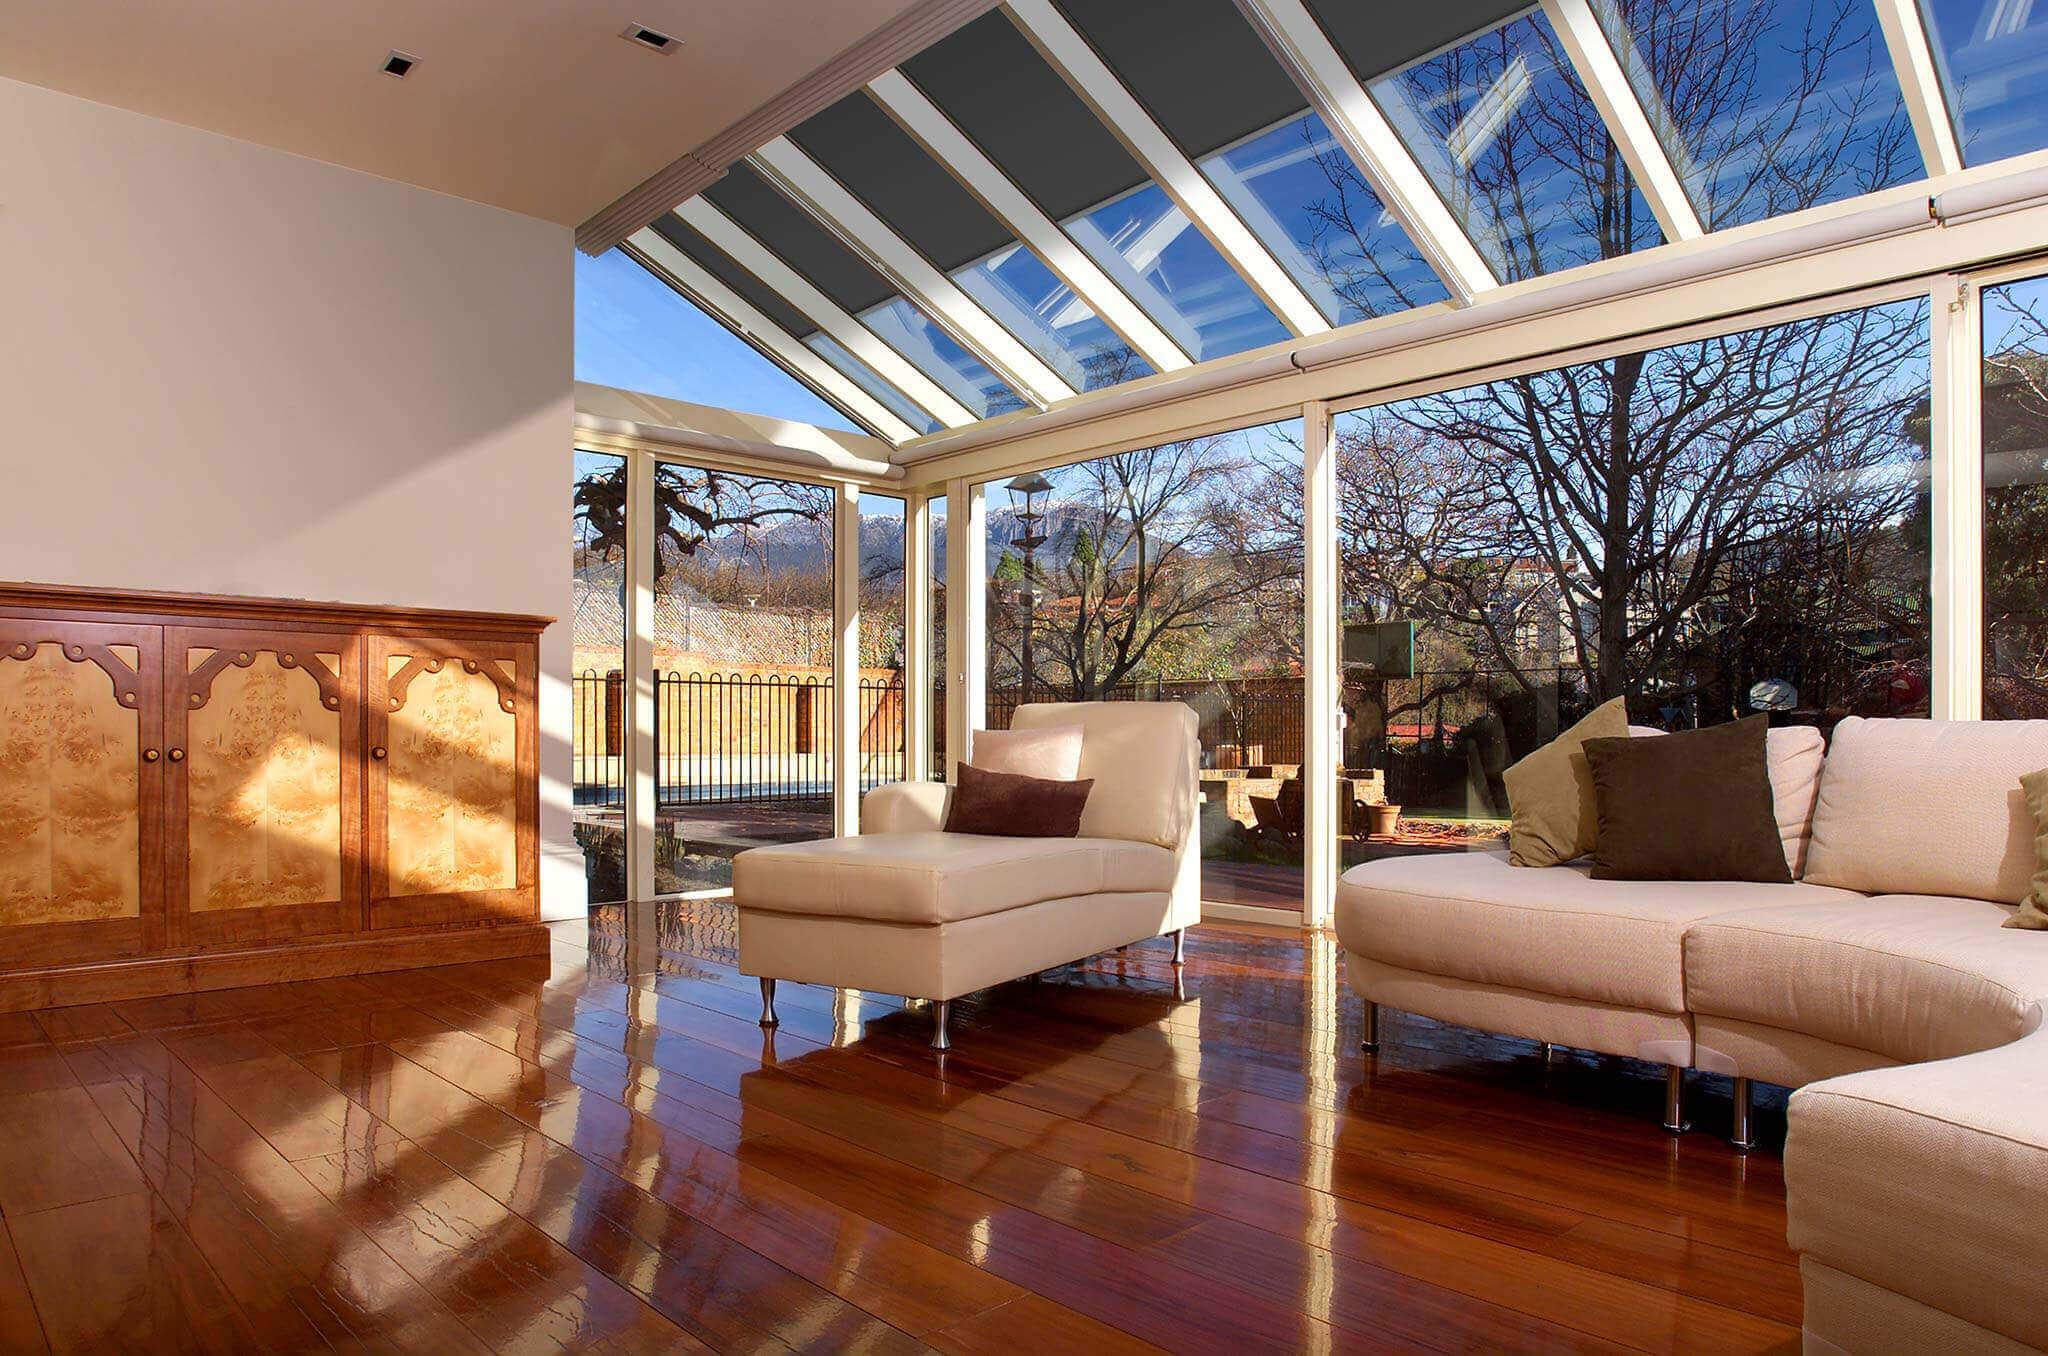 Kaltwintergarten mit Sonnenschutz auf geneigten Dachfenstern